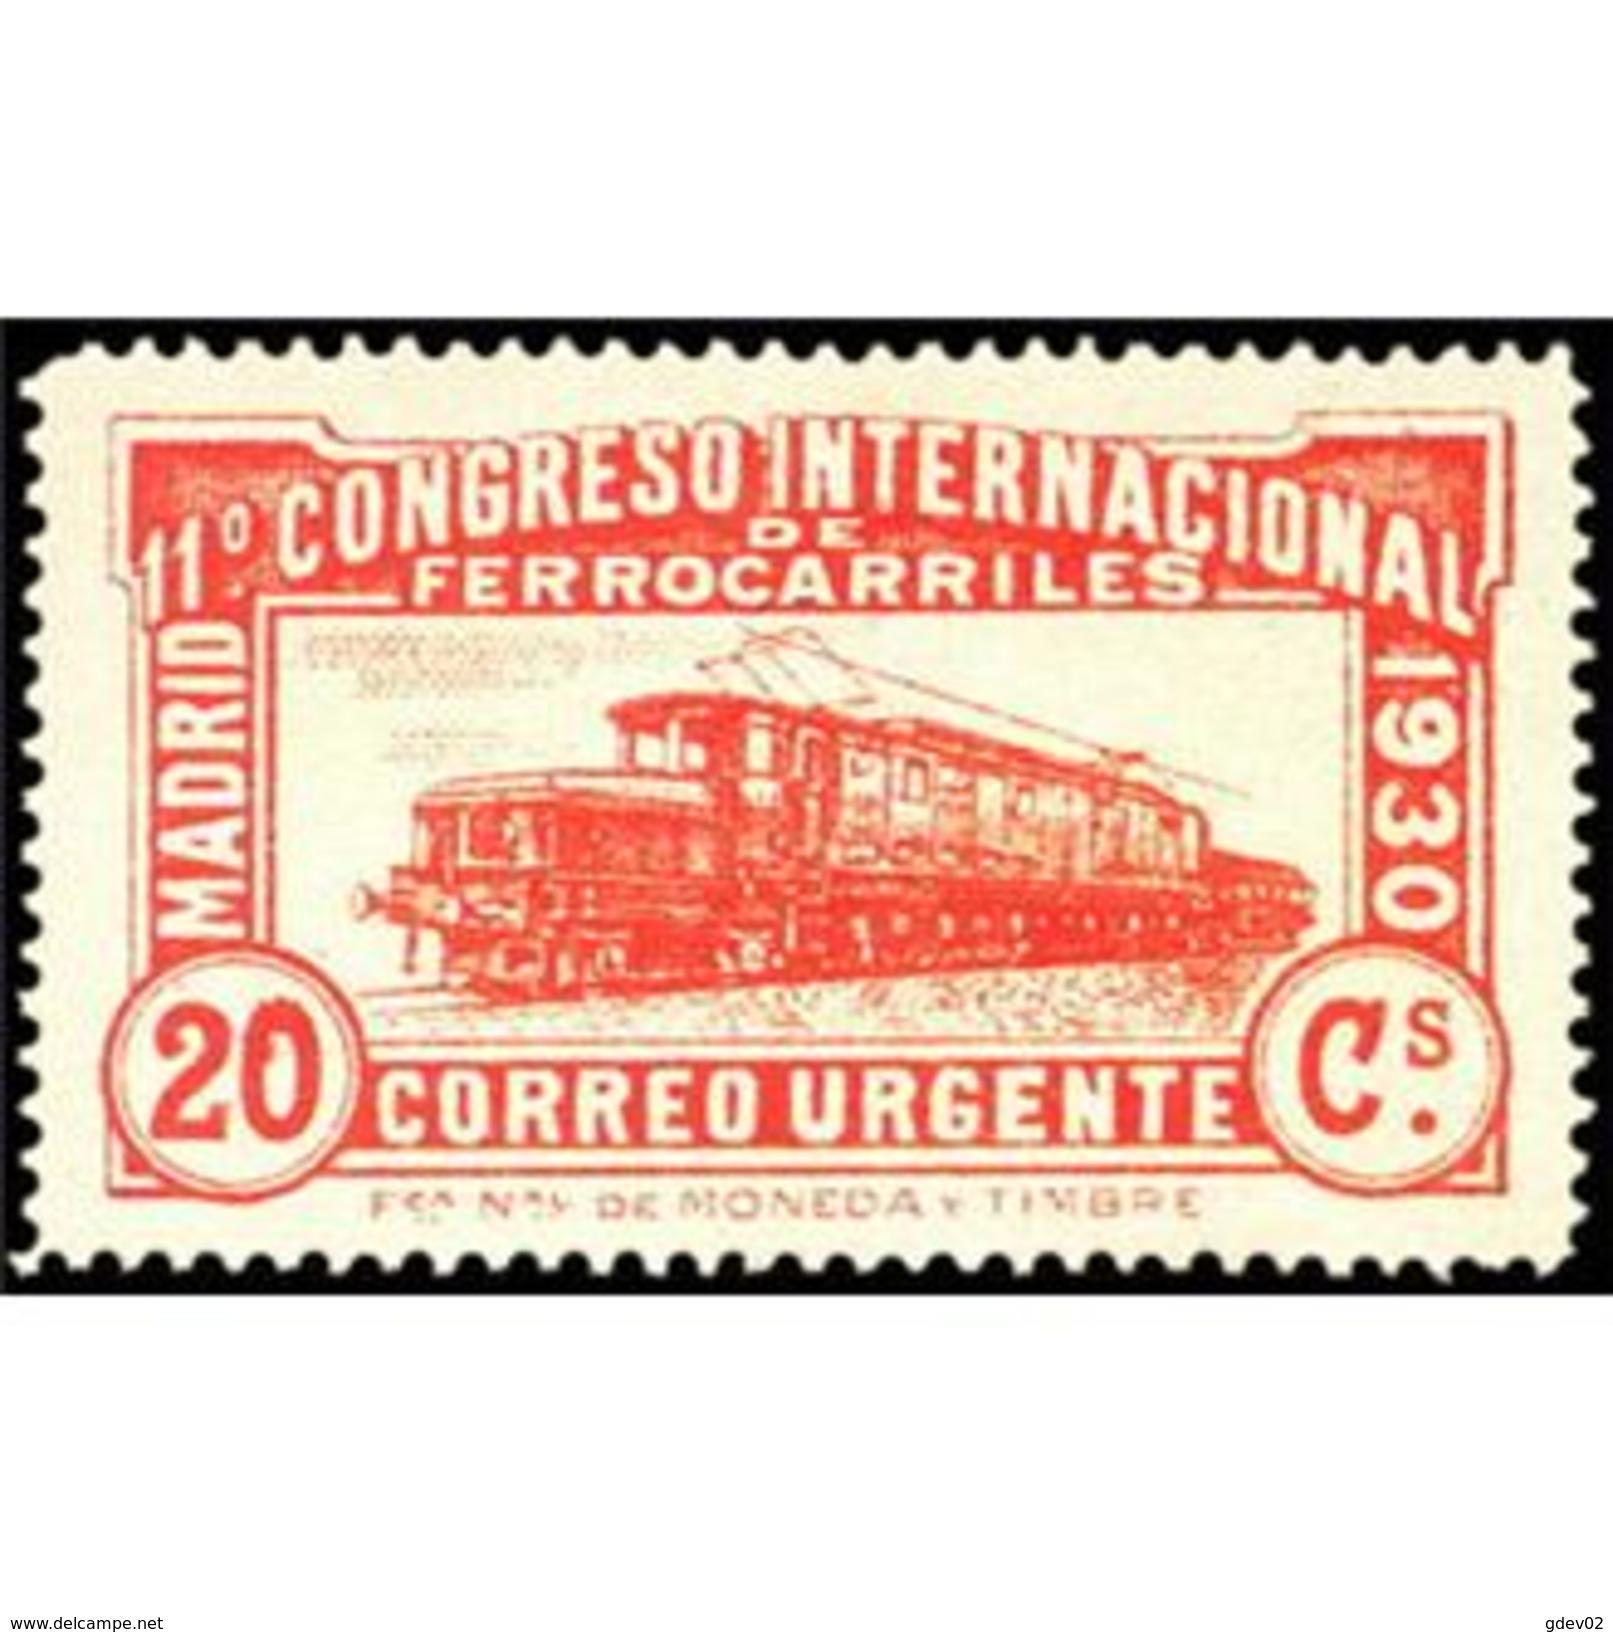 ES482STV-LFT***482STAN.Spain.Esgane.AVION,Congreso Internacional De FERROCARRILES.1930 (Ed 482**) - Nuevos